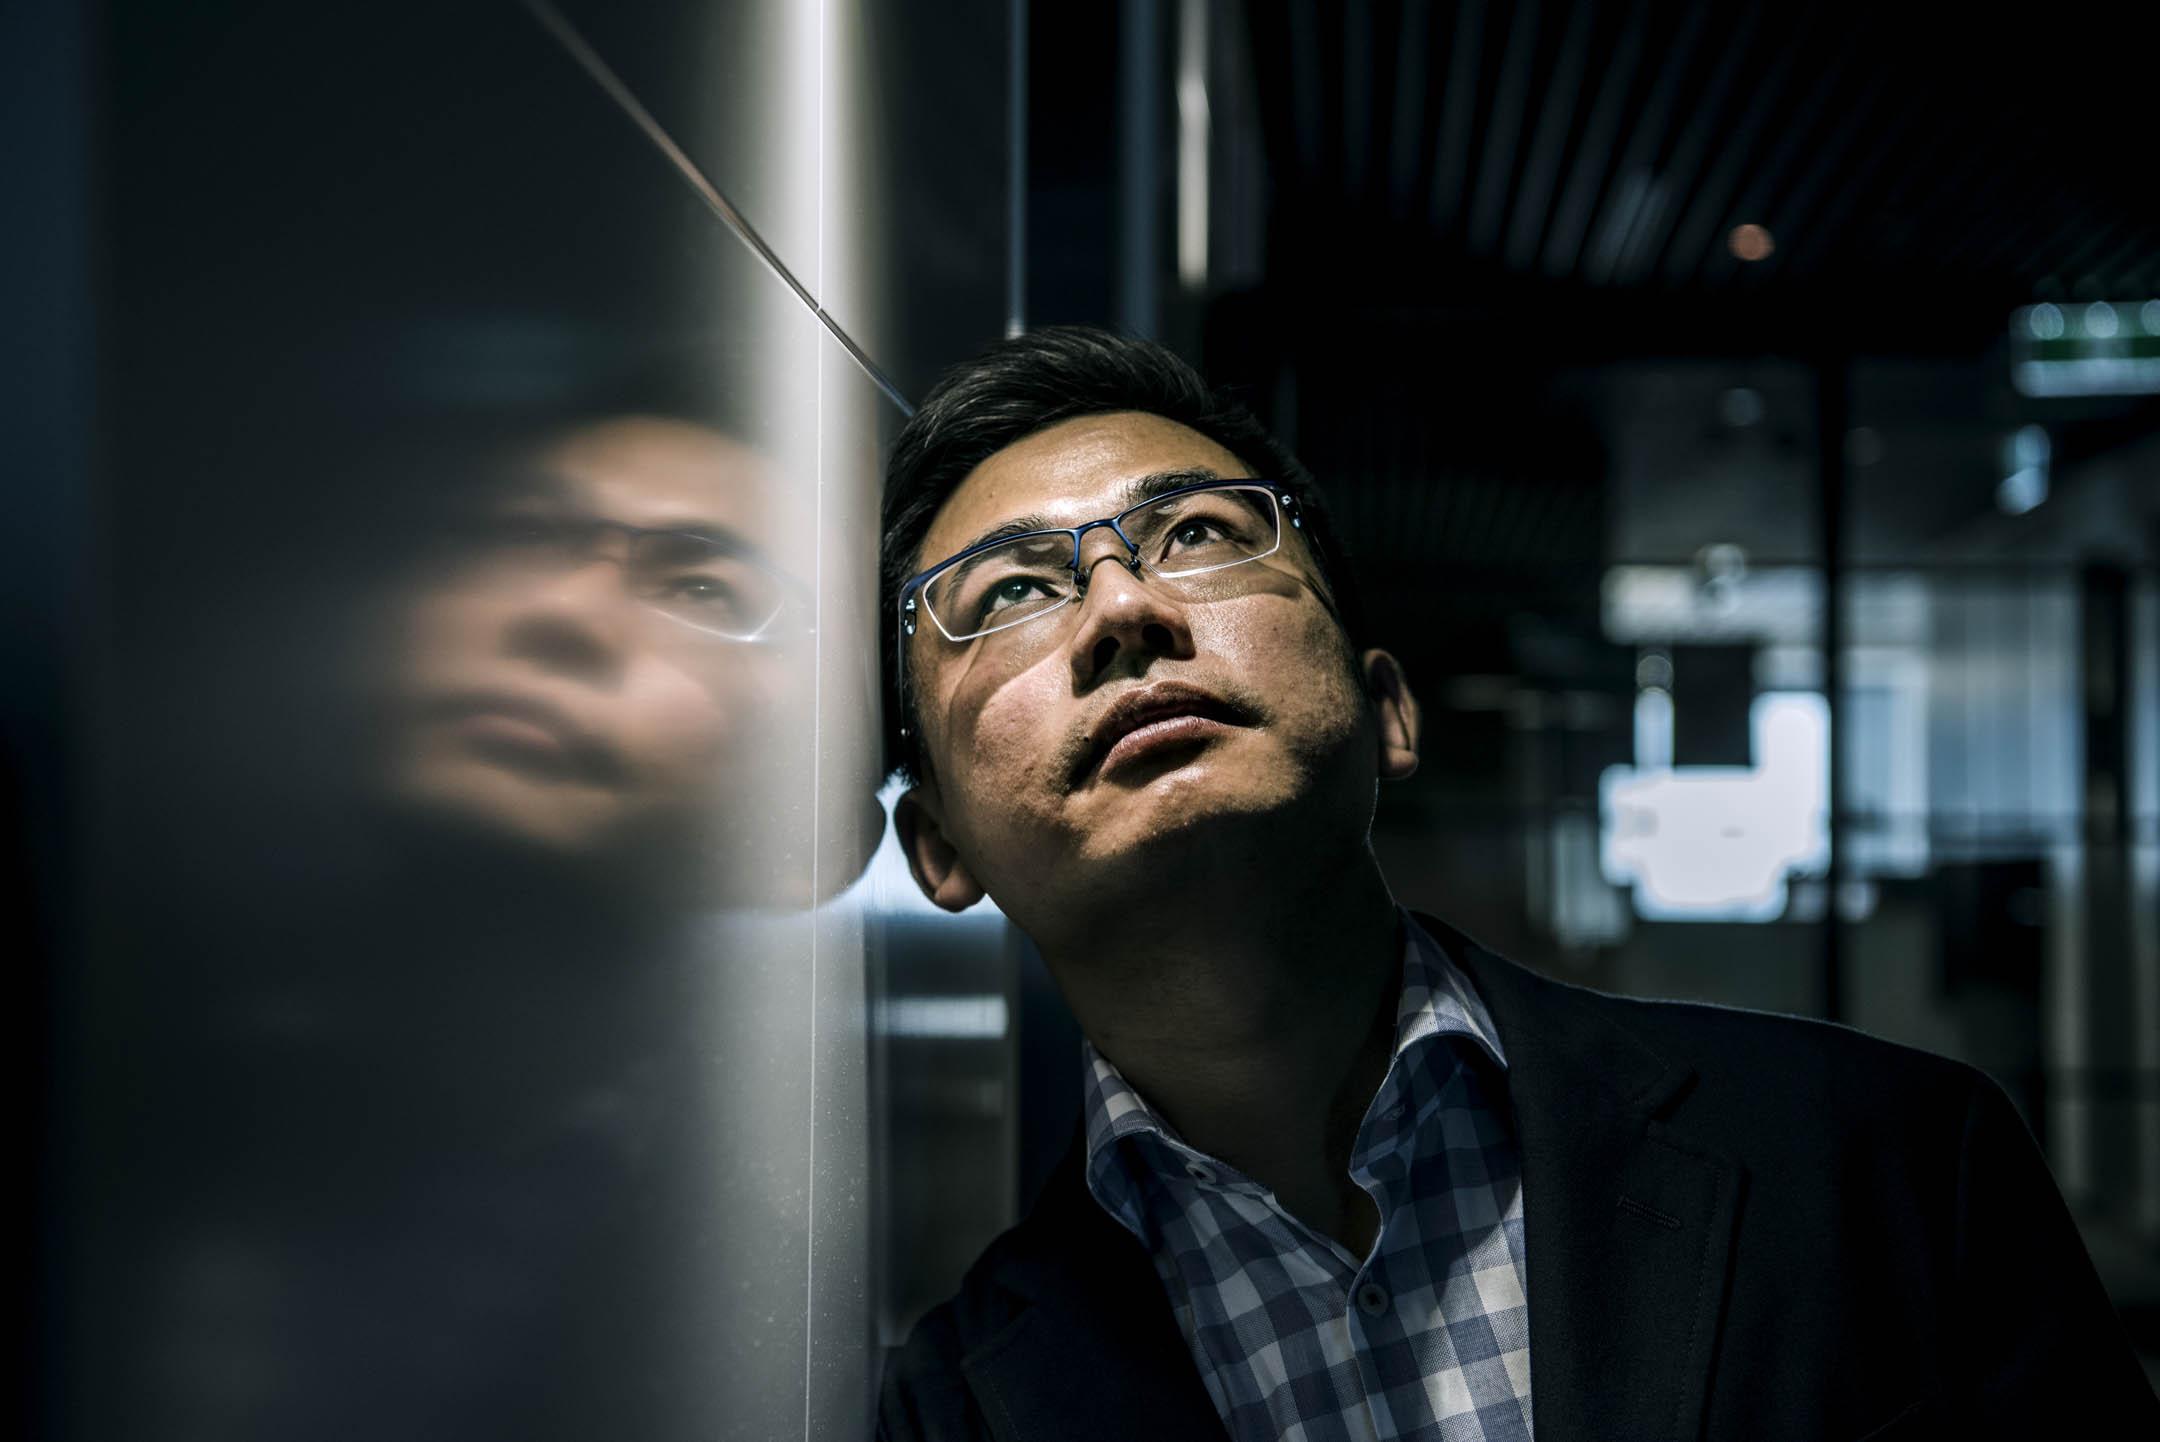 「叛諜」王立強聲稱自己在過去數年中,參與了一系列北京策劃的情報工作——辦理銅鑼灣書店案,滲透反修例運動,再到干預台灣大選和干涉澳洲內政。 攝:Steven Siewert/The Sydney Morning Herald via Getty Images